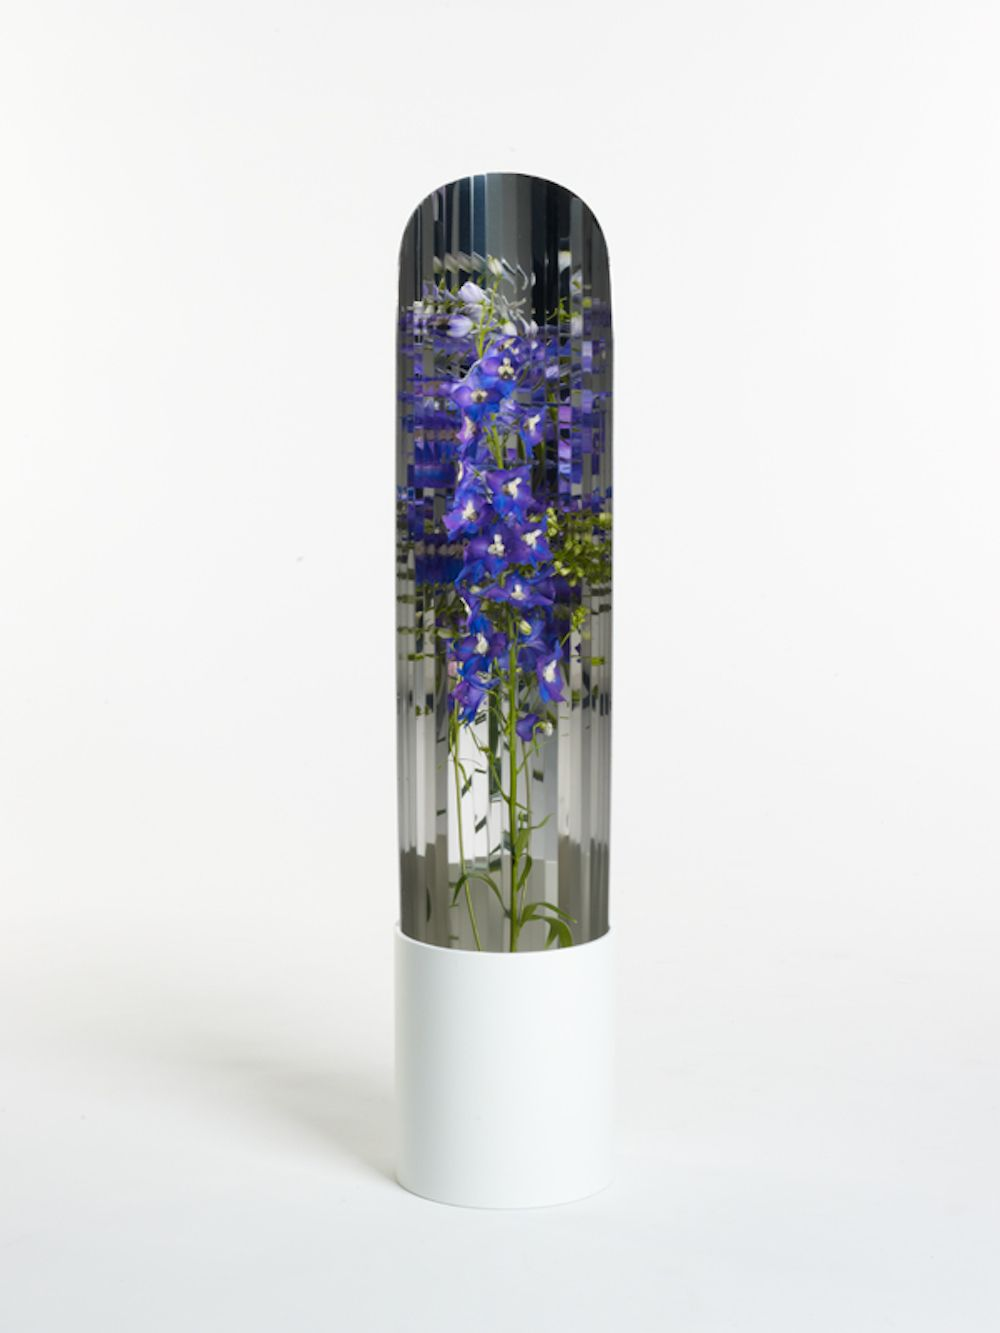 Mirrored flower vases flower vases and flower mirrored flower vases reviewsmspy